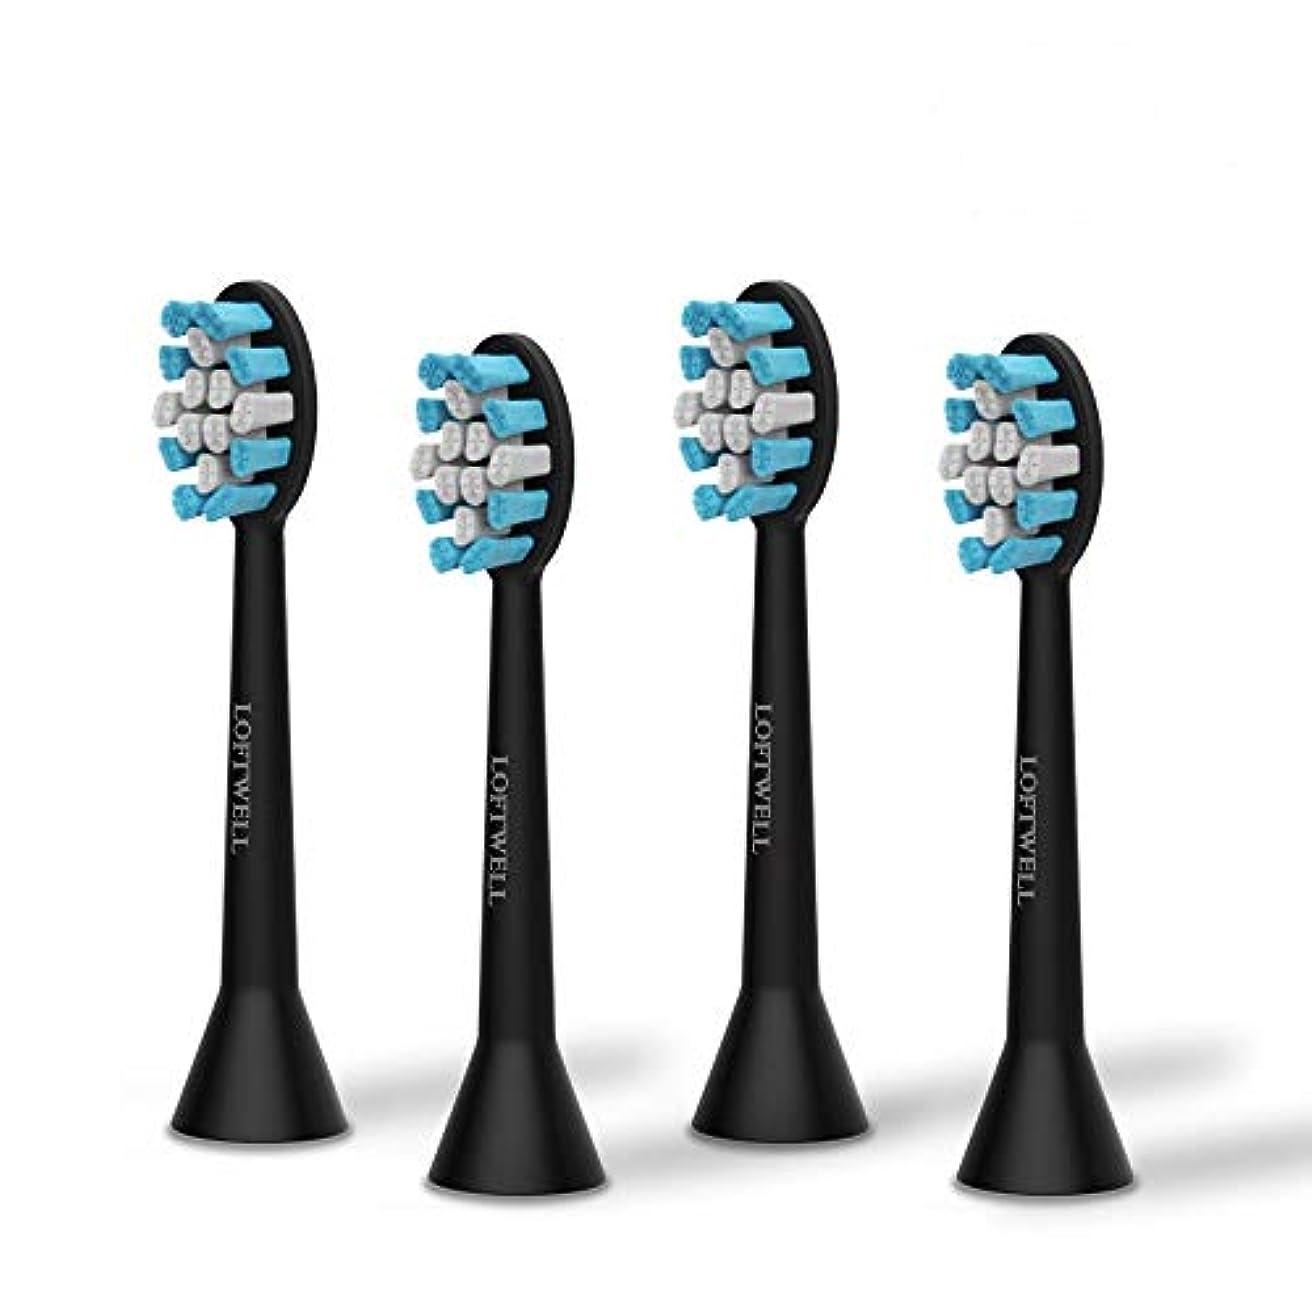 ラップトップ旧正月屋内でloftwell 電動歯ブラシ 超音波振動歯ブラシ 4モード 各モードの振動が3段階調節可 音波歯ブラシ USB充電式 (D5とD9通用替えブラシ)